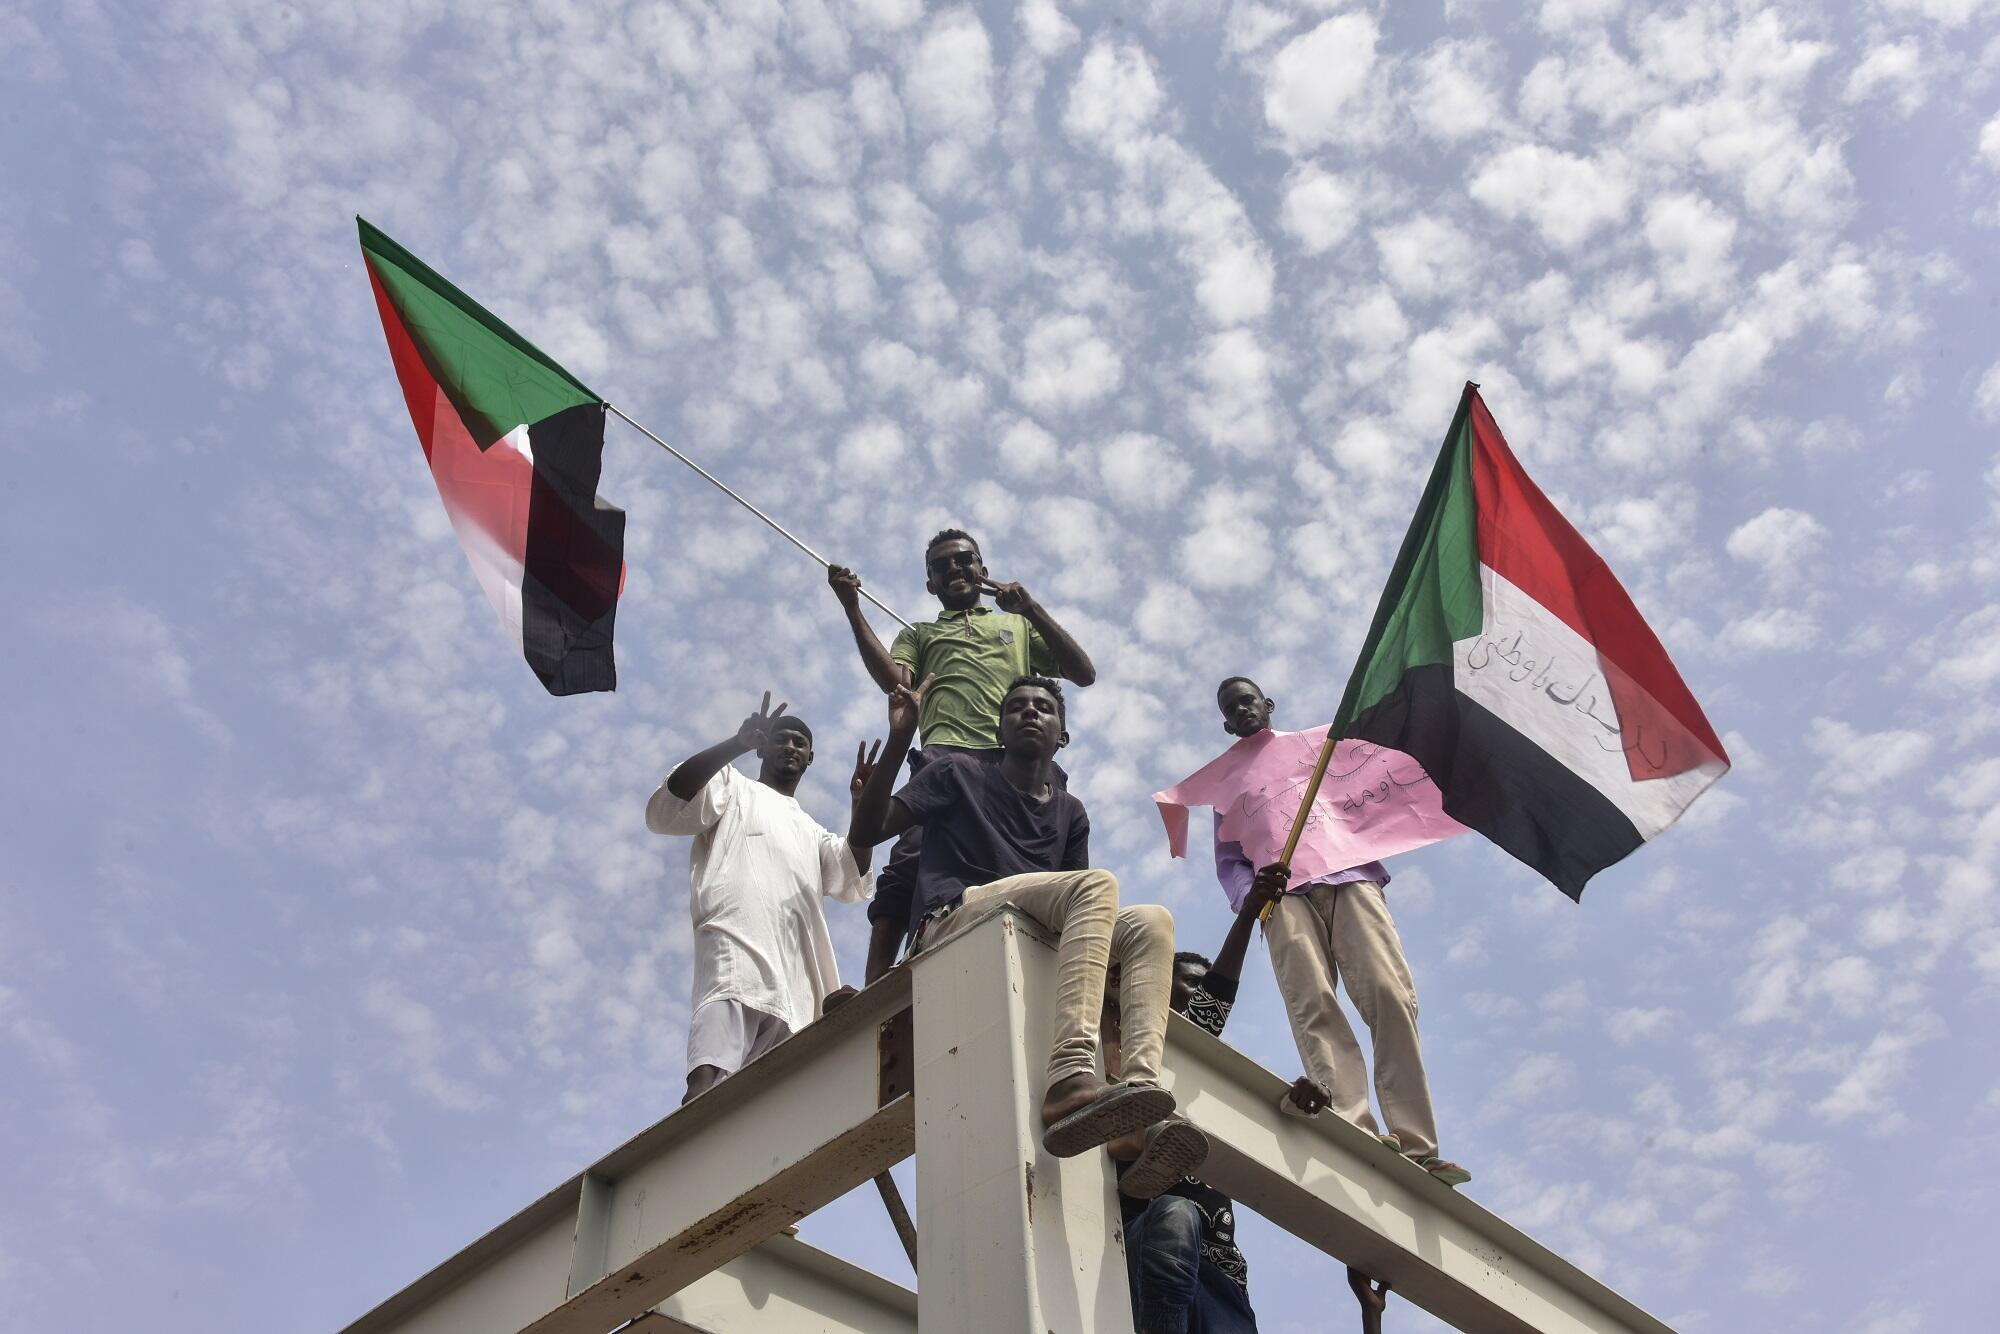 Waandamanaji wa nchini Sudan walipokuwa kwenye barabara za Khartoum, August 17, 2019.